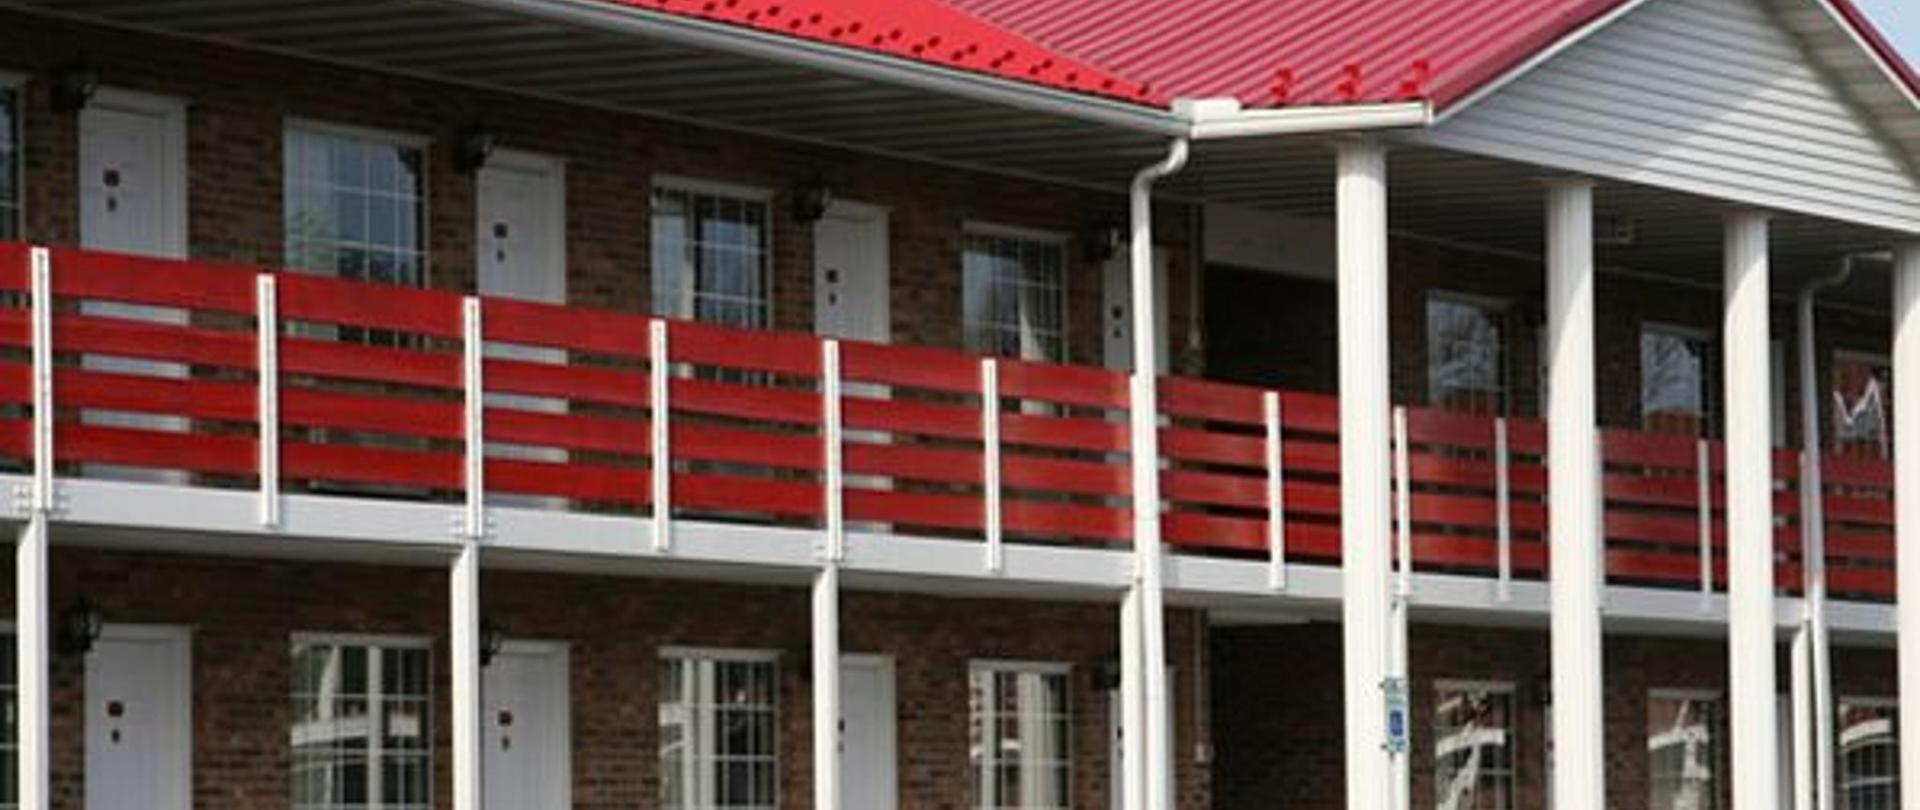 slide-hotel-exterior.jpg